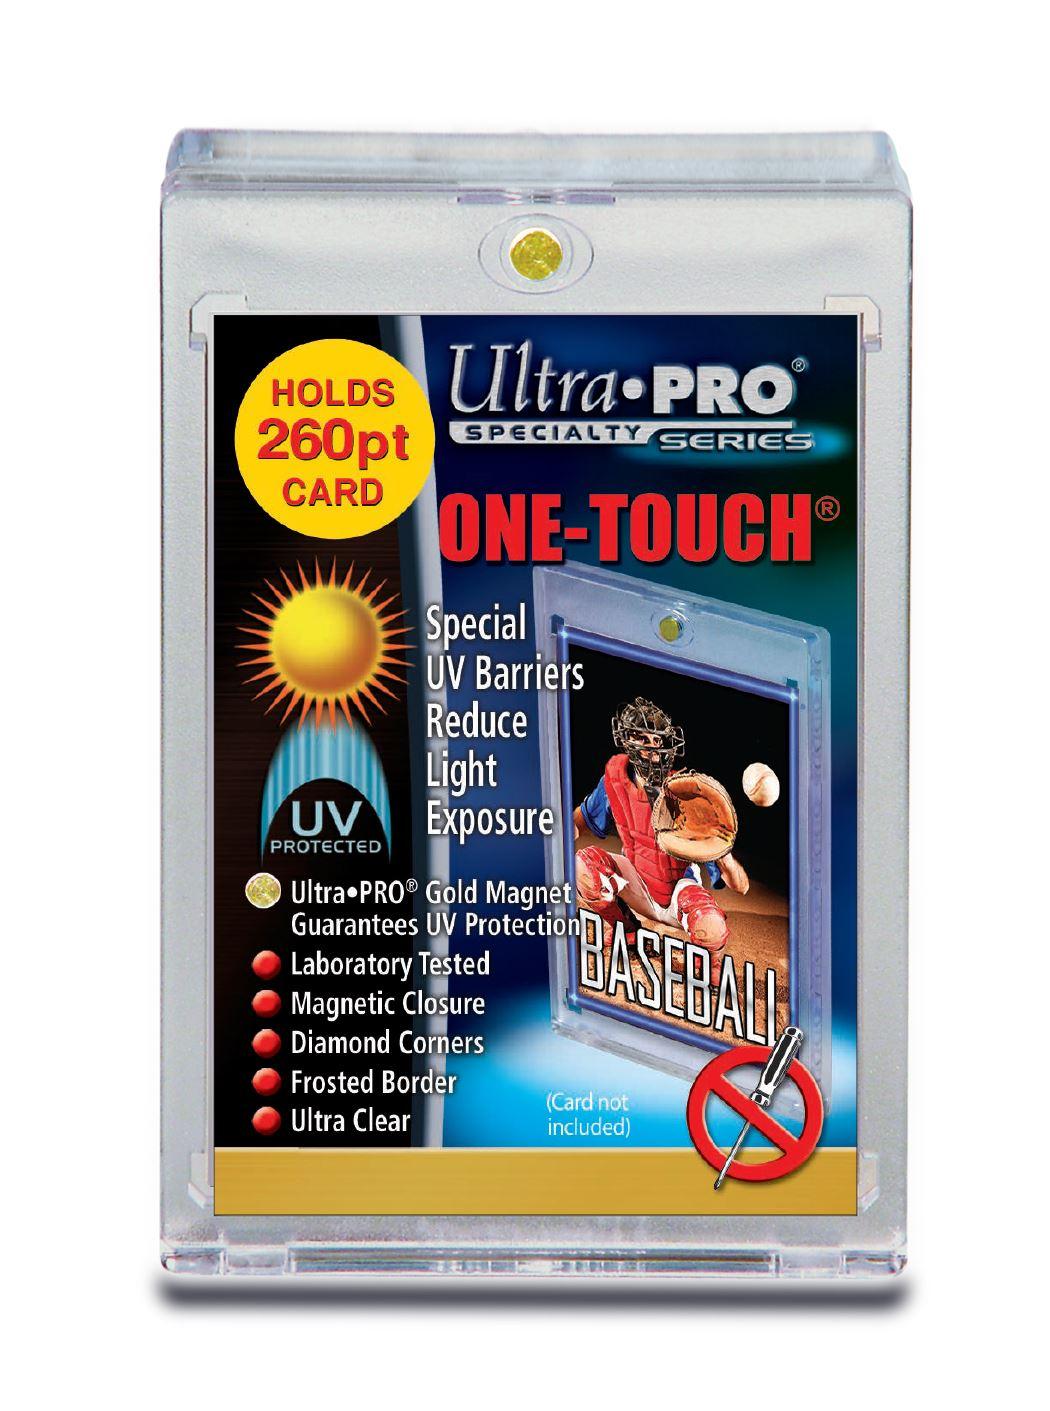 e03da7e9484 Ultra Pro 260Pt One Touch Holder - ULPOT84733